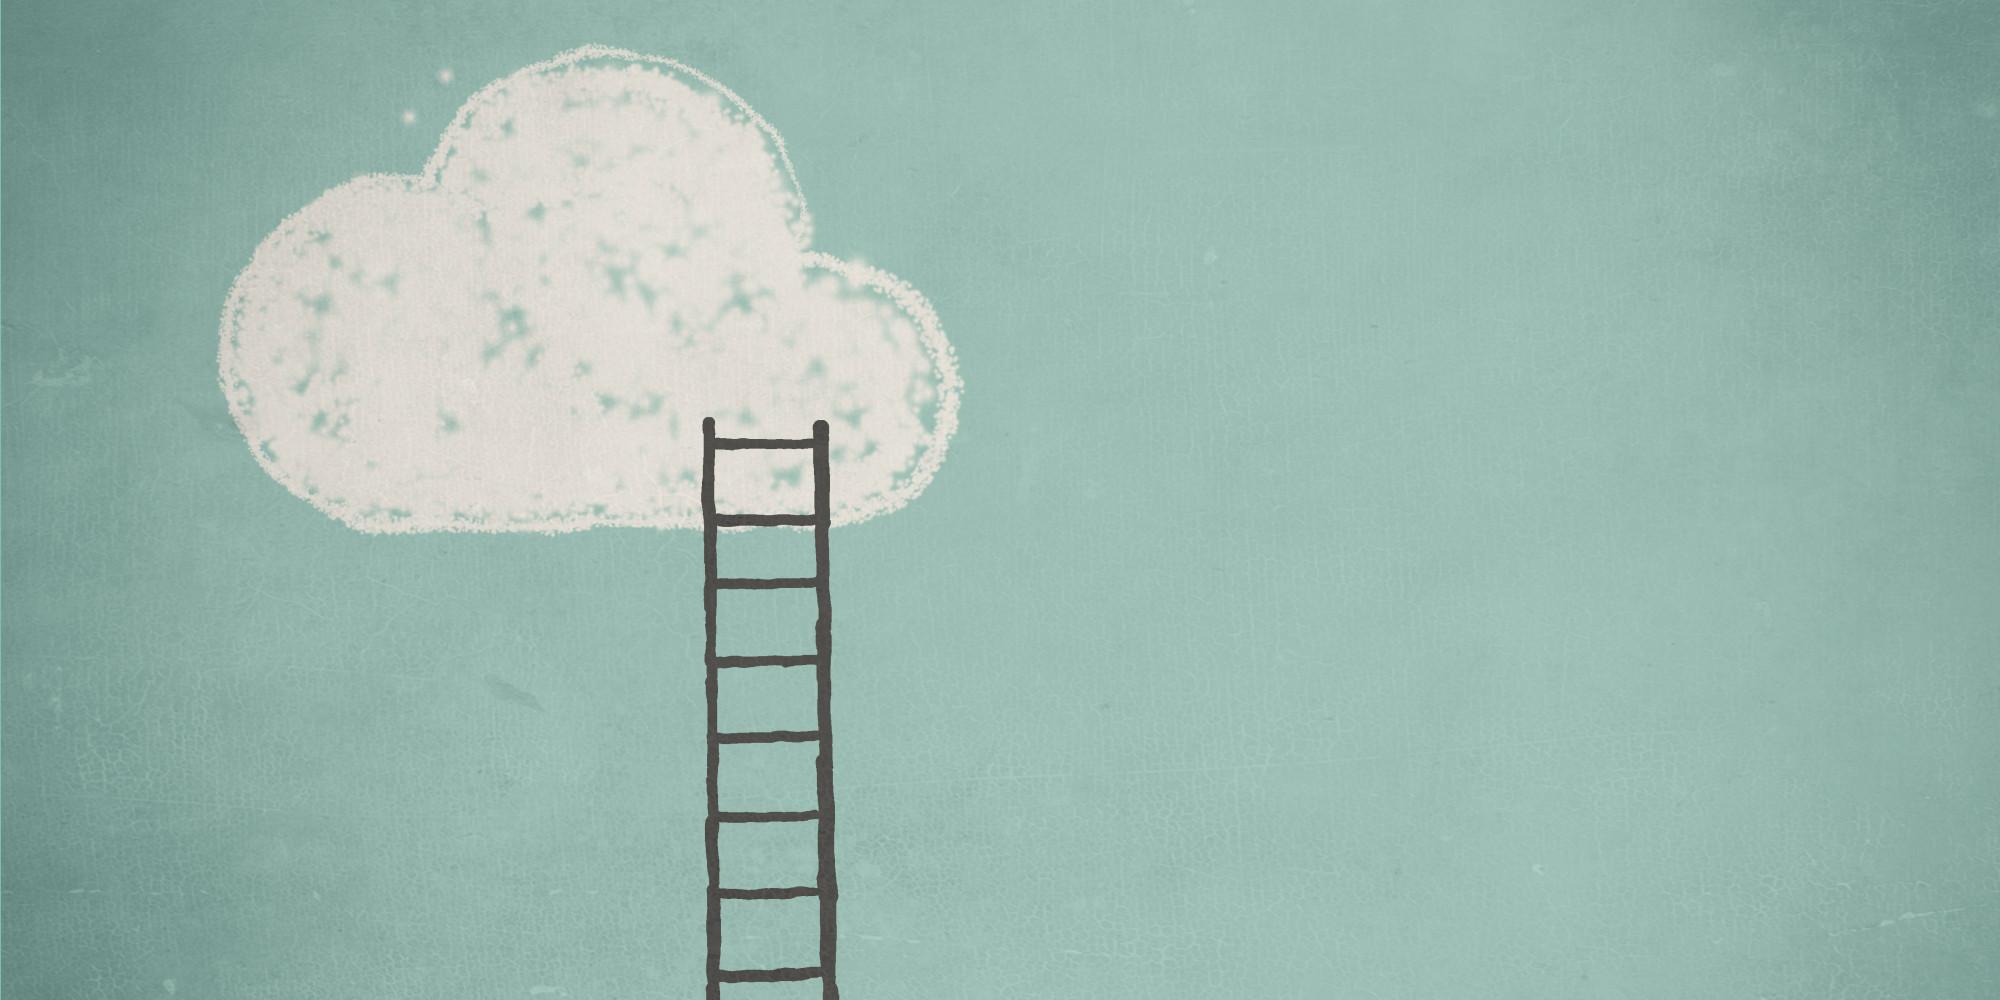 پنج راهکار ساده برای آغاز یک رفتار و تغییر عادت